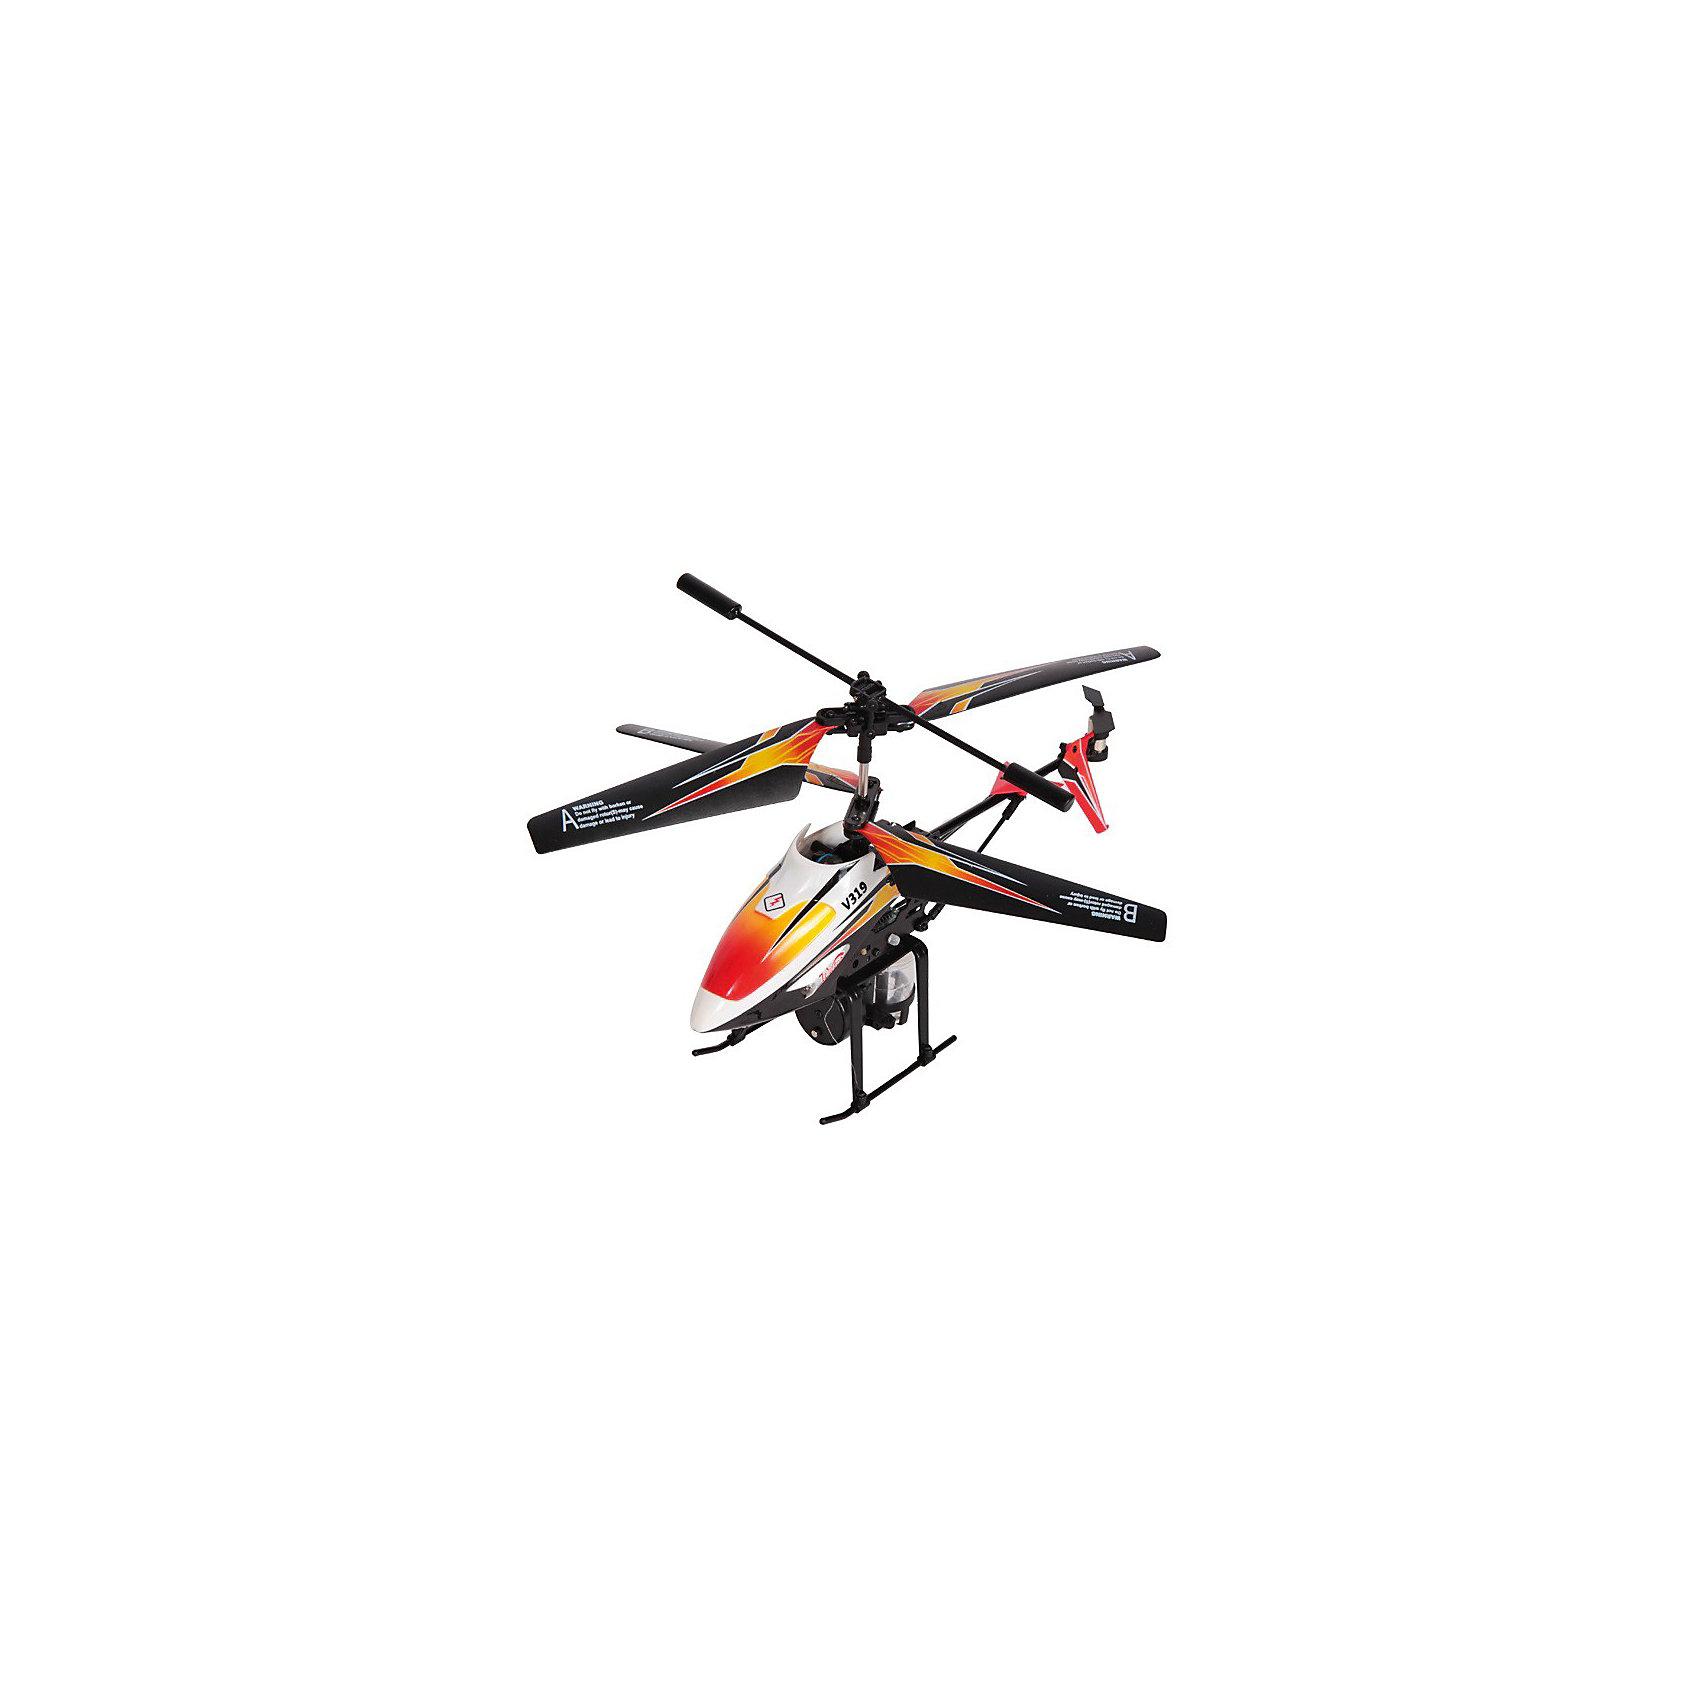 Вертолет с водометом Splash, на и/к управлении, Mioshi TechПочувствуйте себя пилотом настоящего современного вертолёта, который может совершать воздушные атаки водой! Он снабжен гироскопом, который обеспечивает ему уверенный полёт. Похвастайтесь перед друзьями своим умением виртуозно управлять вертолётом. В этом вам поможет функция автопилот. При нажатии кнопки Demo игрушка начнёт выполнять запрограммированный ряд действий. И даже если вы новичок в полетах и первый раз держите в руках пульт управления, то об этом никто не догадается! Противоударный корпус защитит вертолёт от падений и столкновений с твёрдыми поверхностями. Посмотрите, как далеко сможет он улететь!<br><br>Дополнительная информация:<br><br>- Комплект поставки: собранный, полностью готовый к полету вертолет, пульт ДУ, две запасные лопасти, два хвостовых винта, инструкция, USB-кабель, флакон для заправки водомета<br>- 3,5 канала<br>- LED (светодиодная) подсветка корпуса<br>- Гироскоп<br>- Автопилот<br>- Время работы от аккумулятора: 5 - 6 мин.<br>- Радиус действия: до 10 - 15 м.<br>- Время зарядки: 60 минут<br>- Длина вертолета: 220 мм.<br>- Диаметр несущего винта: 175 мм.<br>- Размеры упаковки: 335 х 285 х 90 мм<br>- Вес: 611 г.<br>- Питание устройства: аккумулятор с зарядкой от пульта ДУ или USB-порта компьютера<br>- Питание пульта ДУ: 6 батареек типа AA (приобретаются отдельно)<br>- Материал: высококачественный пластик, металл<br><br>Вертолет с водометом Splash, на и/к управлении, Mioshi Tech  можно купить в нашем магазине.<br><br>Ширина мм: 335<br>Глубина мм: 285<br>Высота мм: 90<br>Вес г: 611<br>Возраст от месяцев: 72<br>Возраст до месяцев: 1188<br>Пол: Мужской<br>Возраст: Детский<br>SKU: 3703441